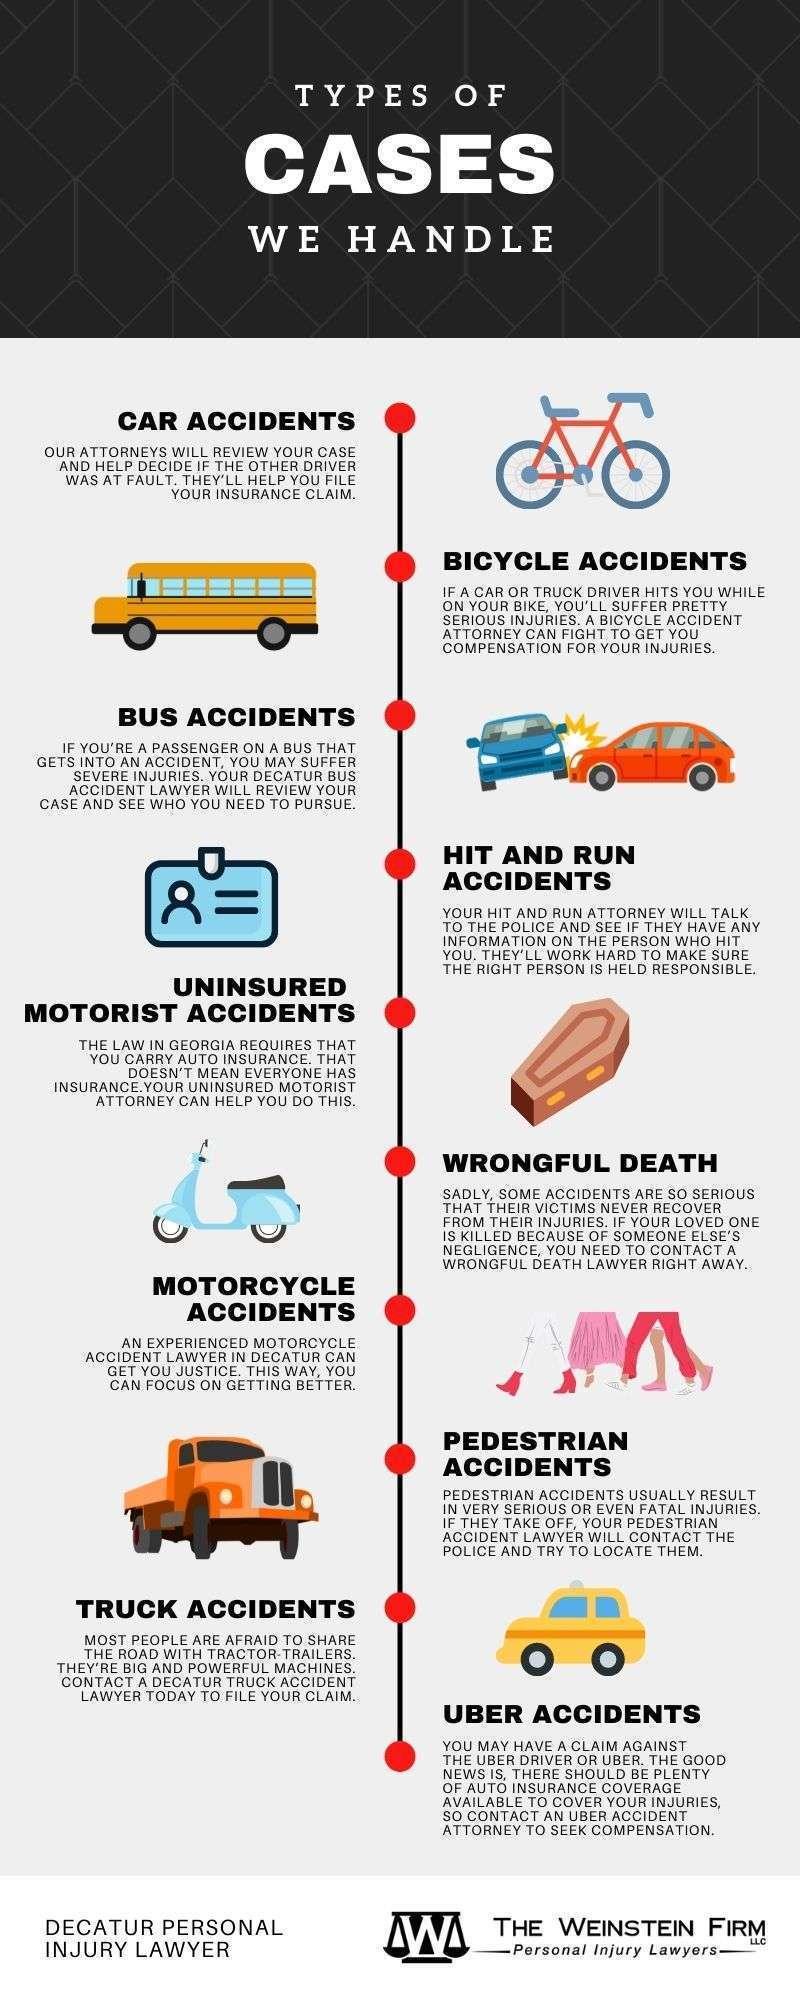 Weinstein Decatur Personal Injury Infographic